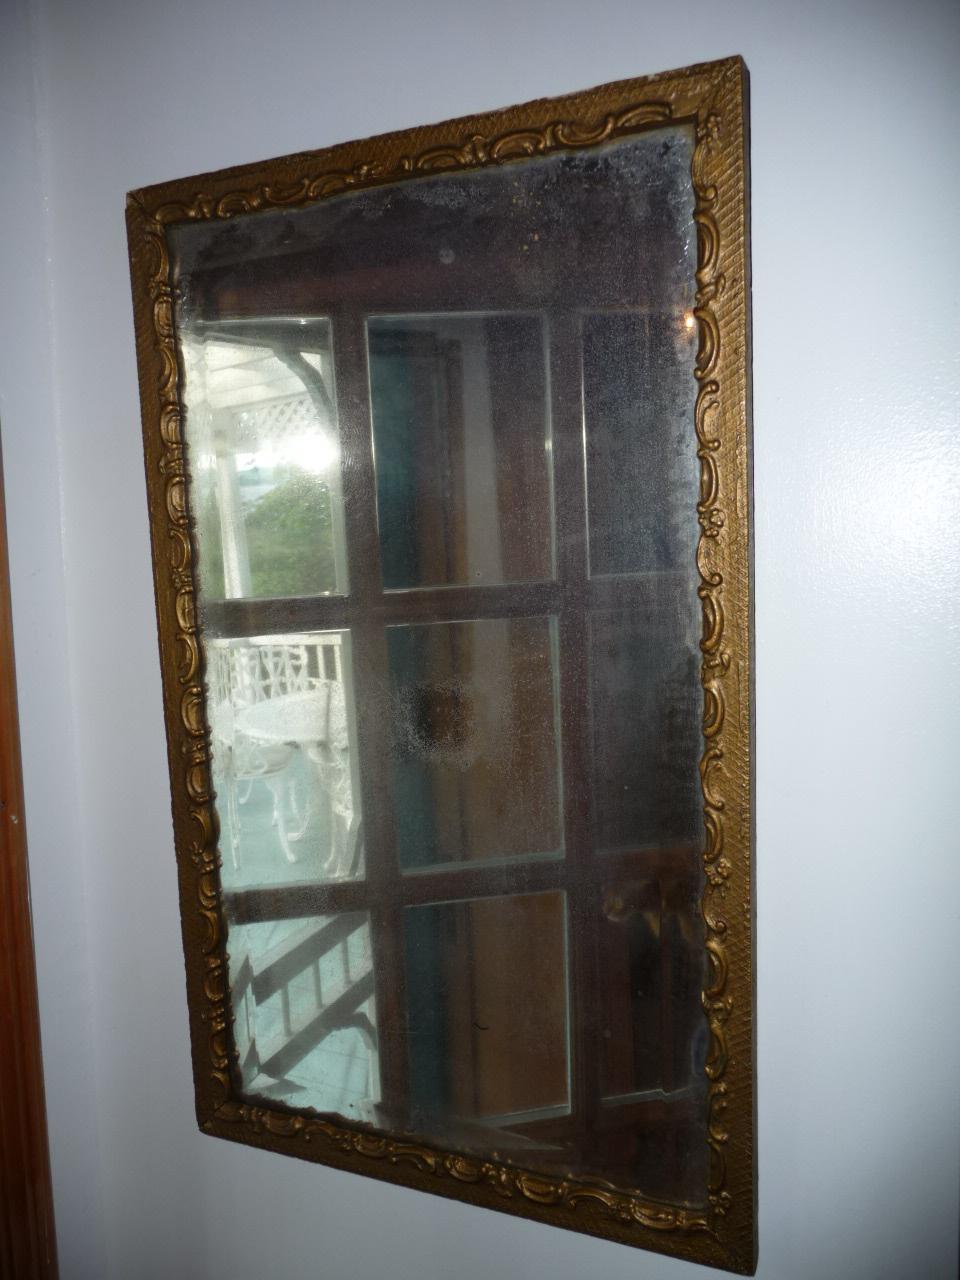 Objets utilitaires et d coratifs antiquit s je me souviens - Objet decoratif original ...